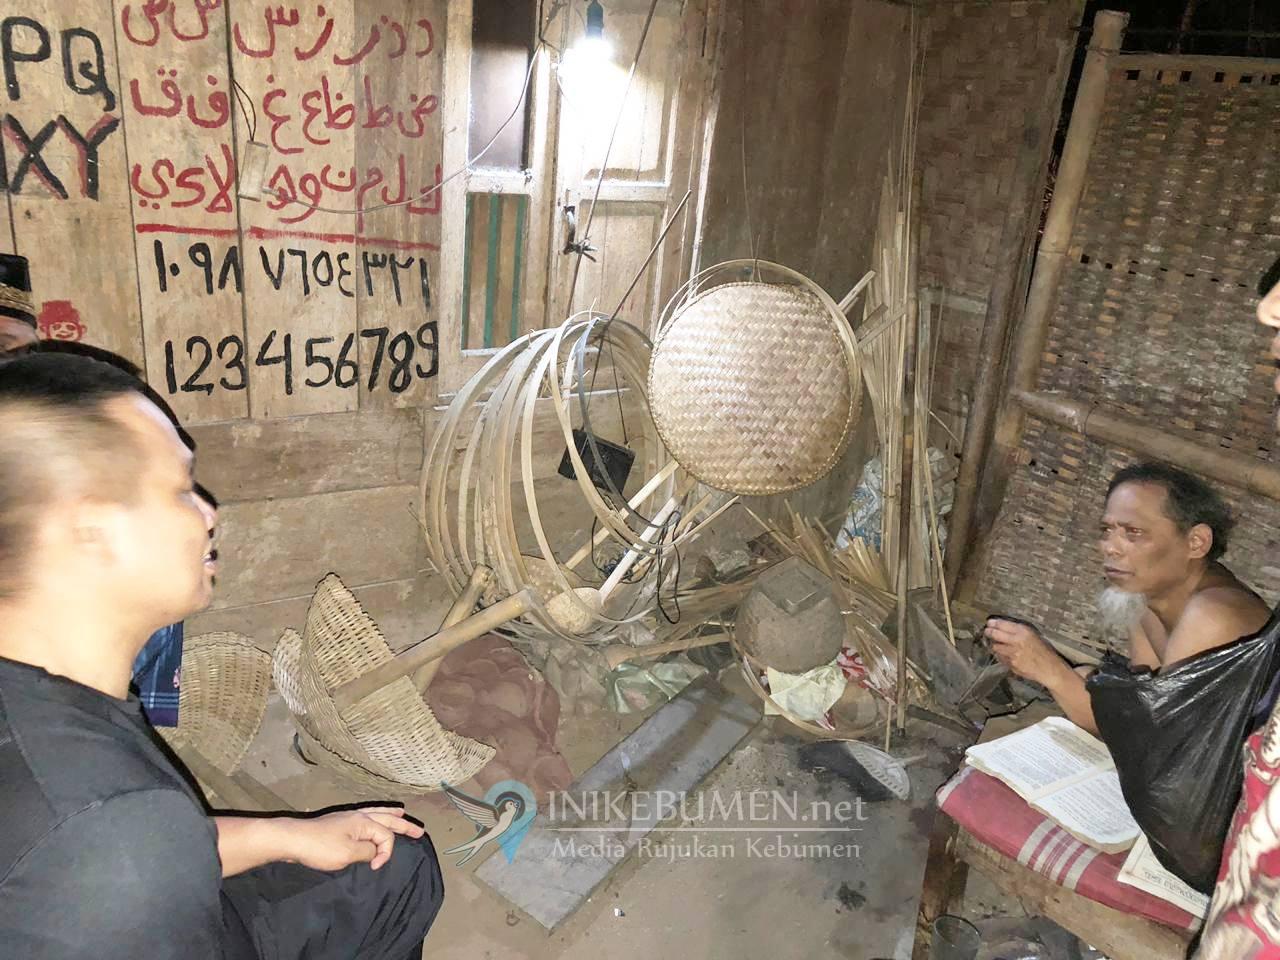 Kunjungi Desa Argosari, Wabup Bertemu Penderita Patah Tulang Tanpa KTP Elektronik